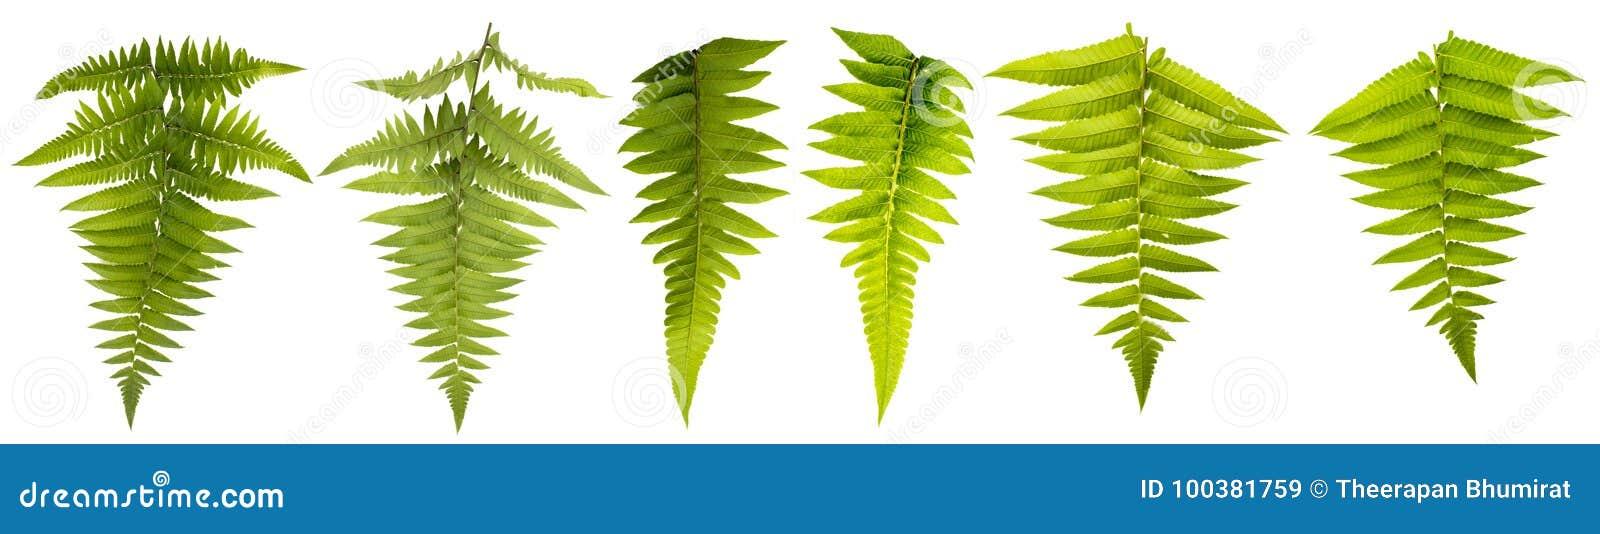 Hoja aislada en el fondo blanco con la trayectoria de recortes Las hojas utilizan para el cepillo y más decorativo